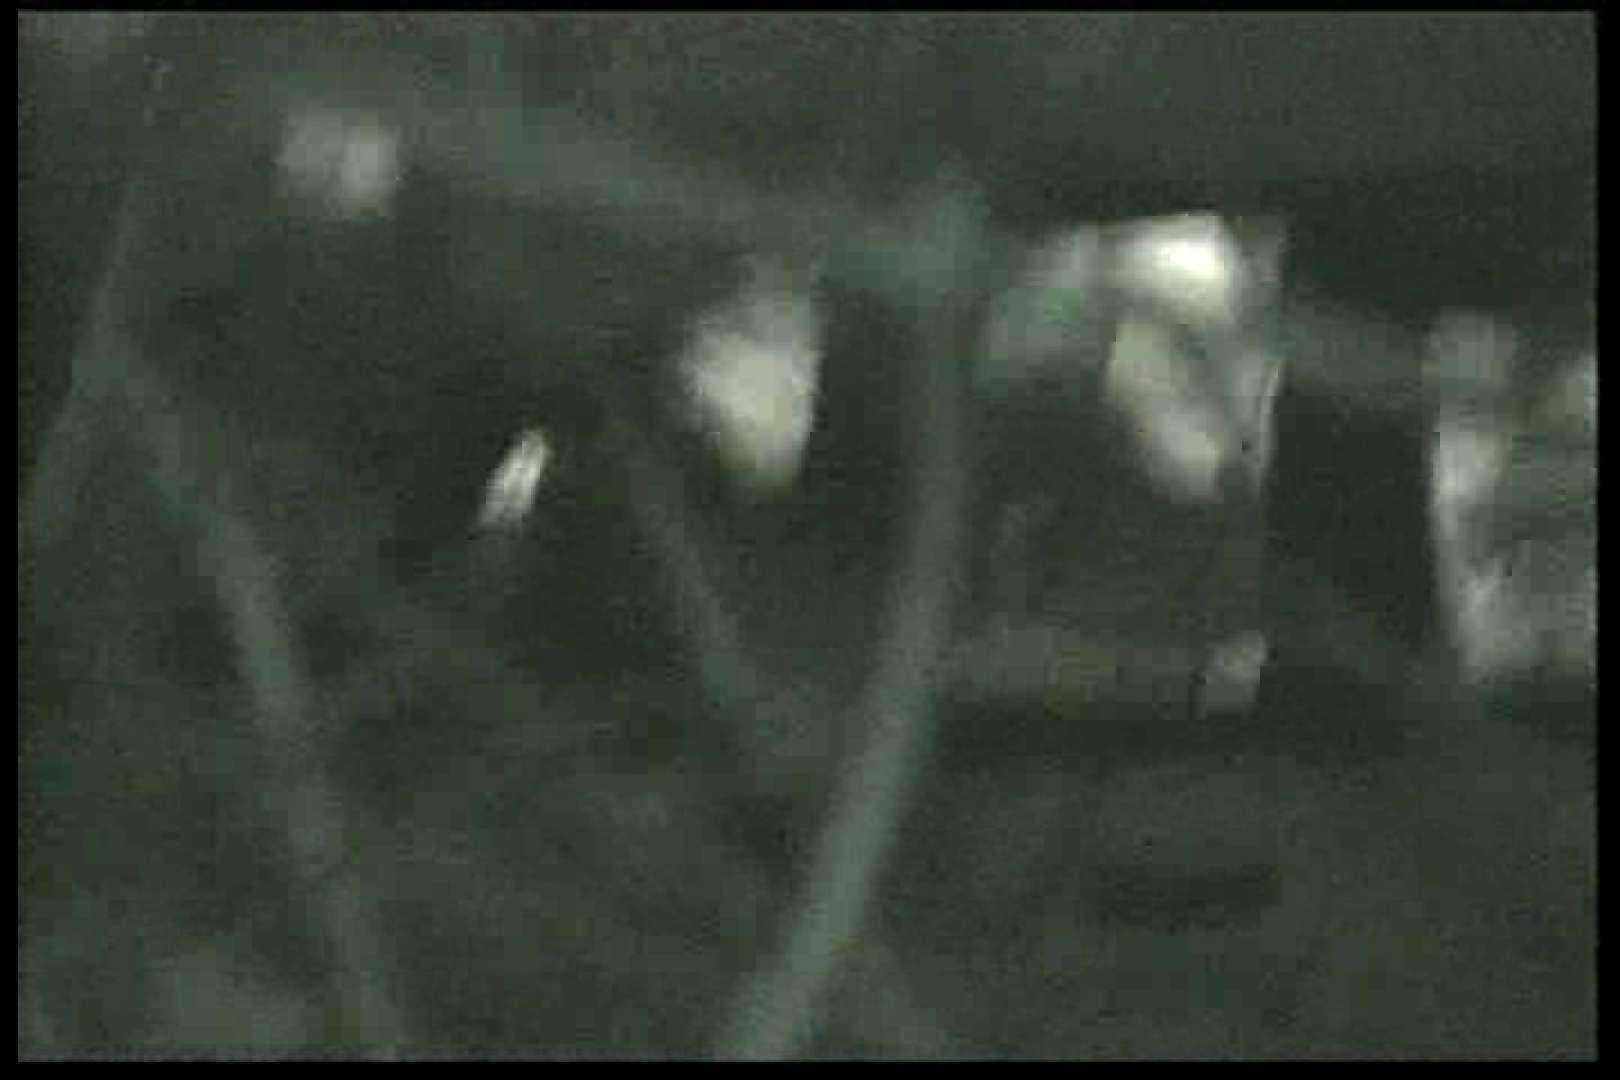 車の中はラブホテル 無修正版  Vol.15 ラブホテル隠し撮り 盗撮動画紹介 77pic 27